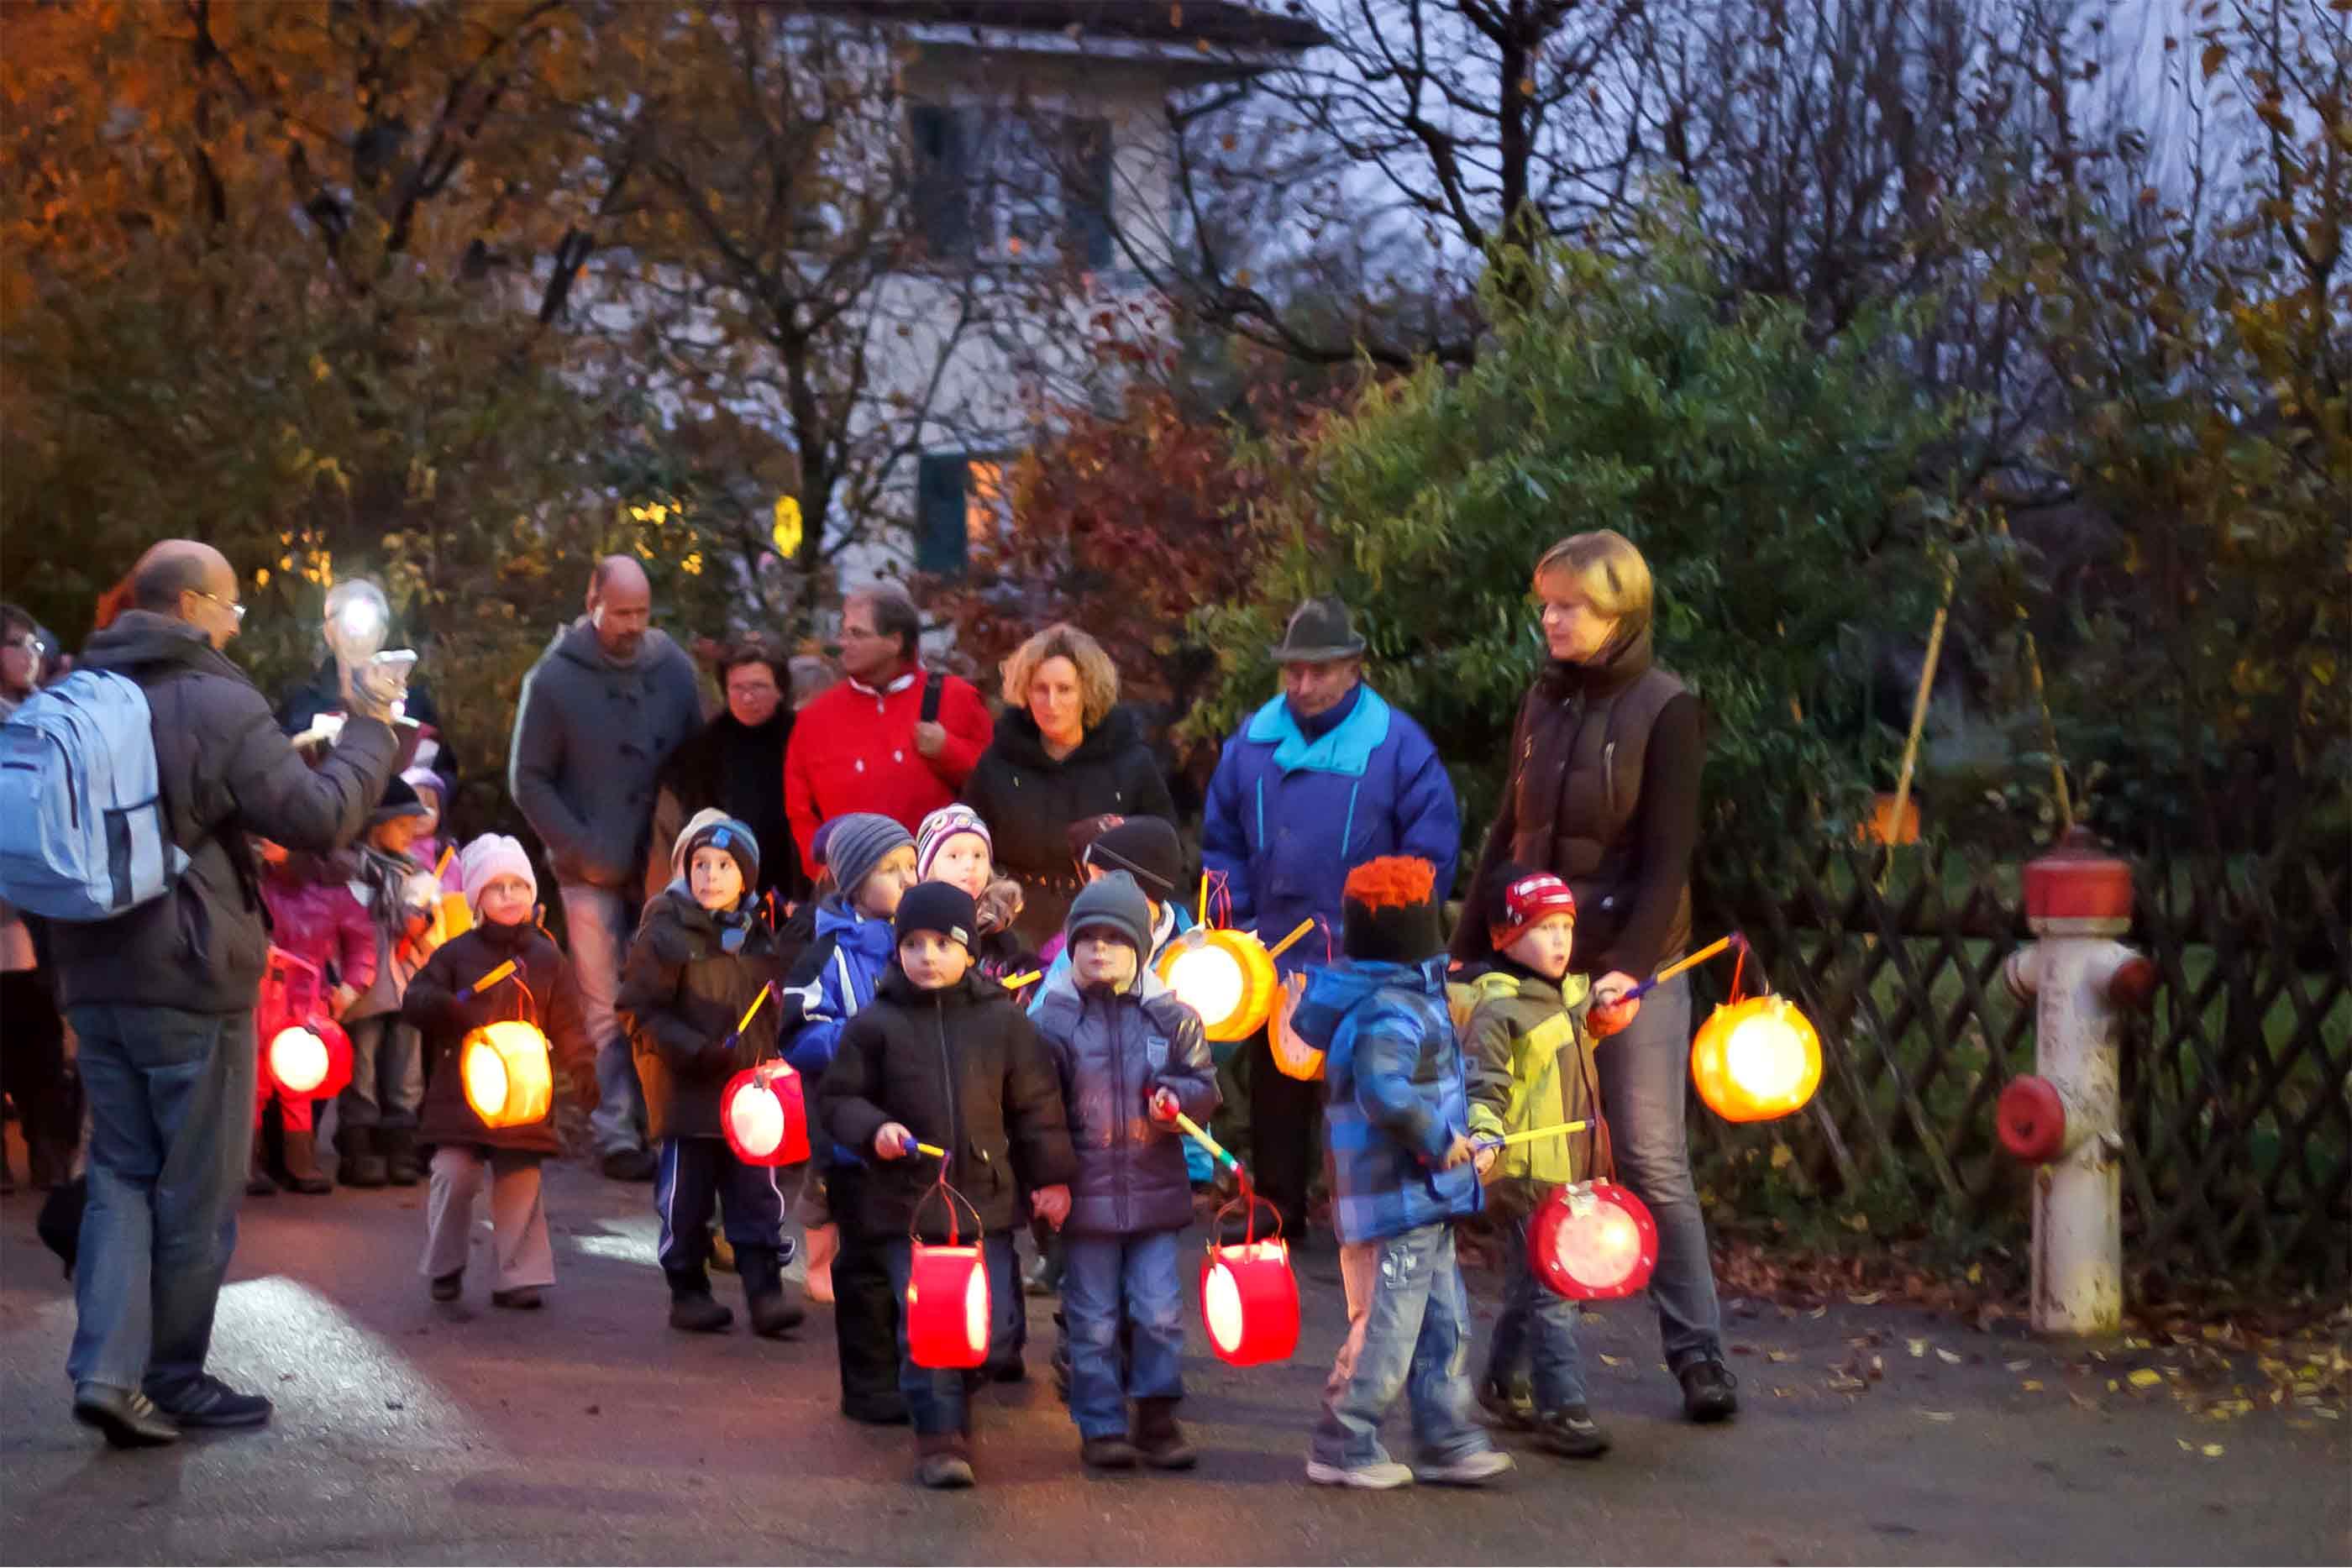 Típica procissão das crianças com as lanternas CC by Stephan Kiessling Flickr